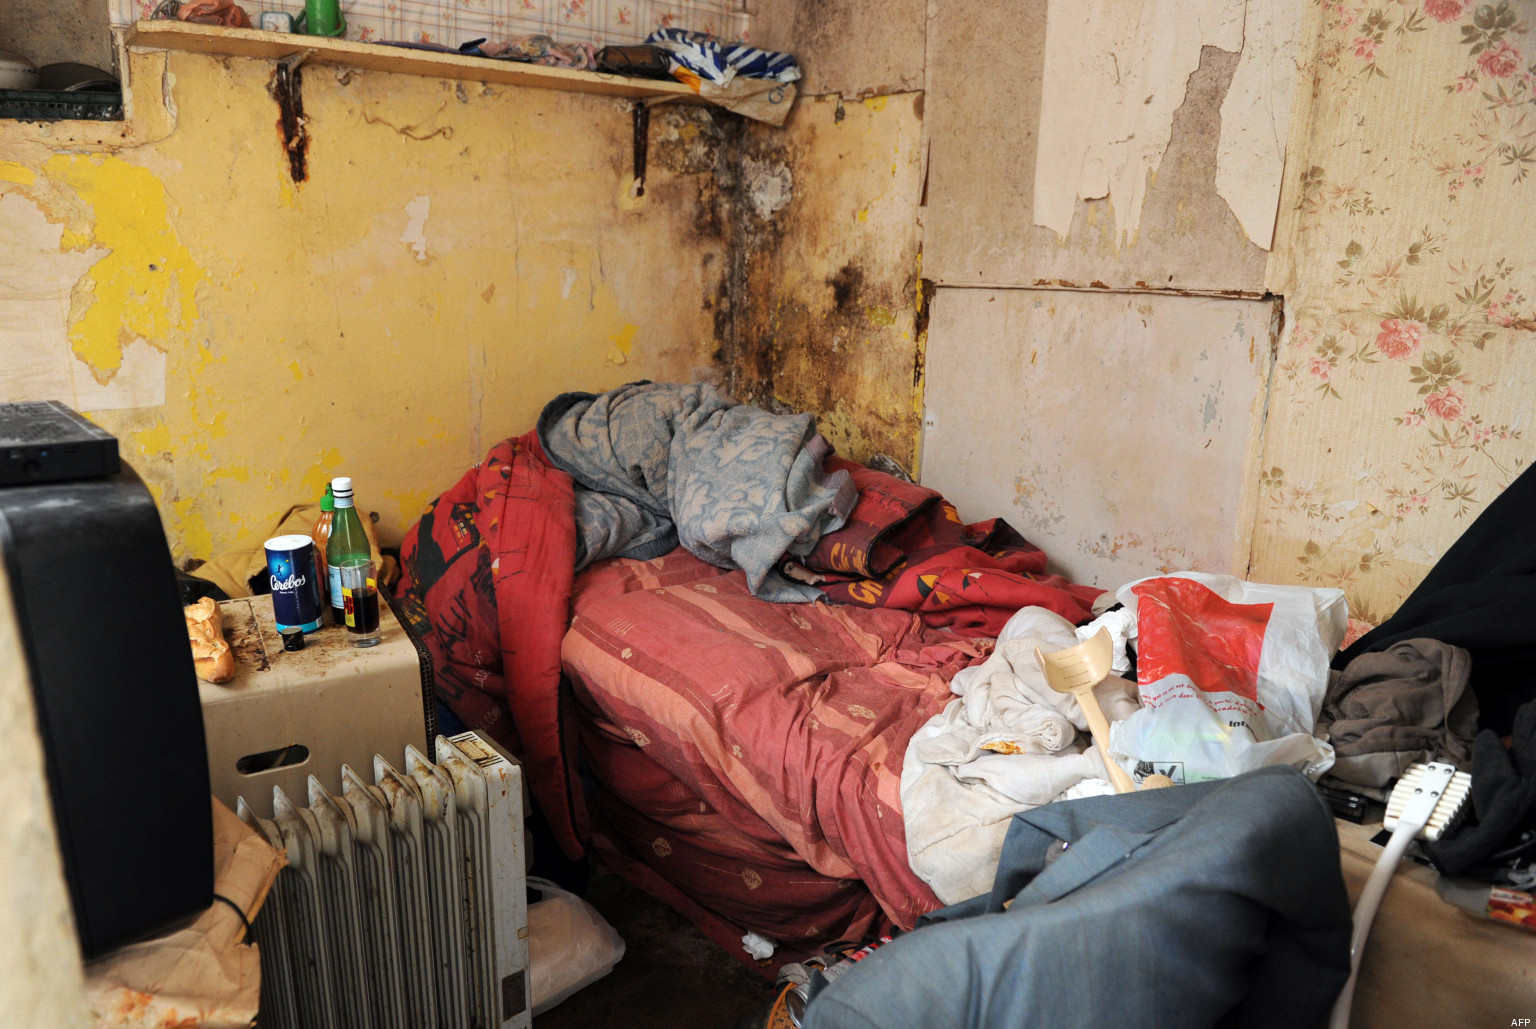 Marchands de sommeil c cile duflot s 39 attaque au logement indigne un fl - Nettoyage chambre hotel ...